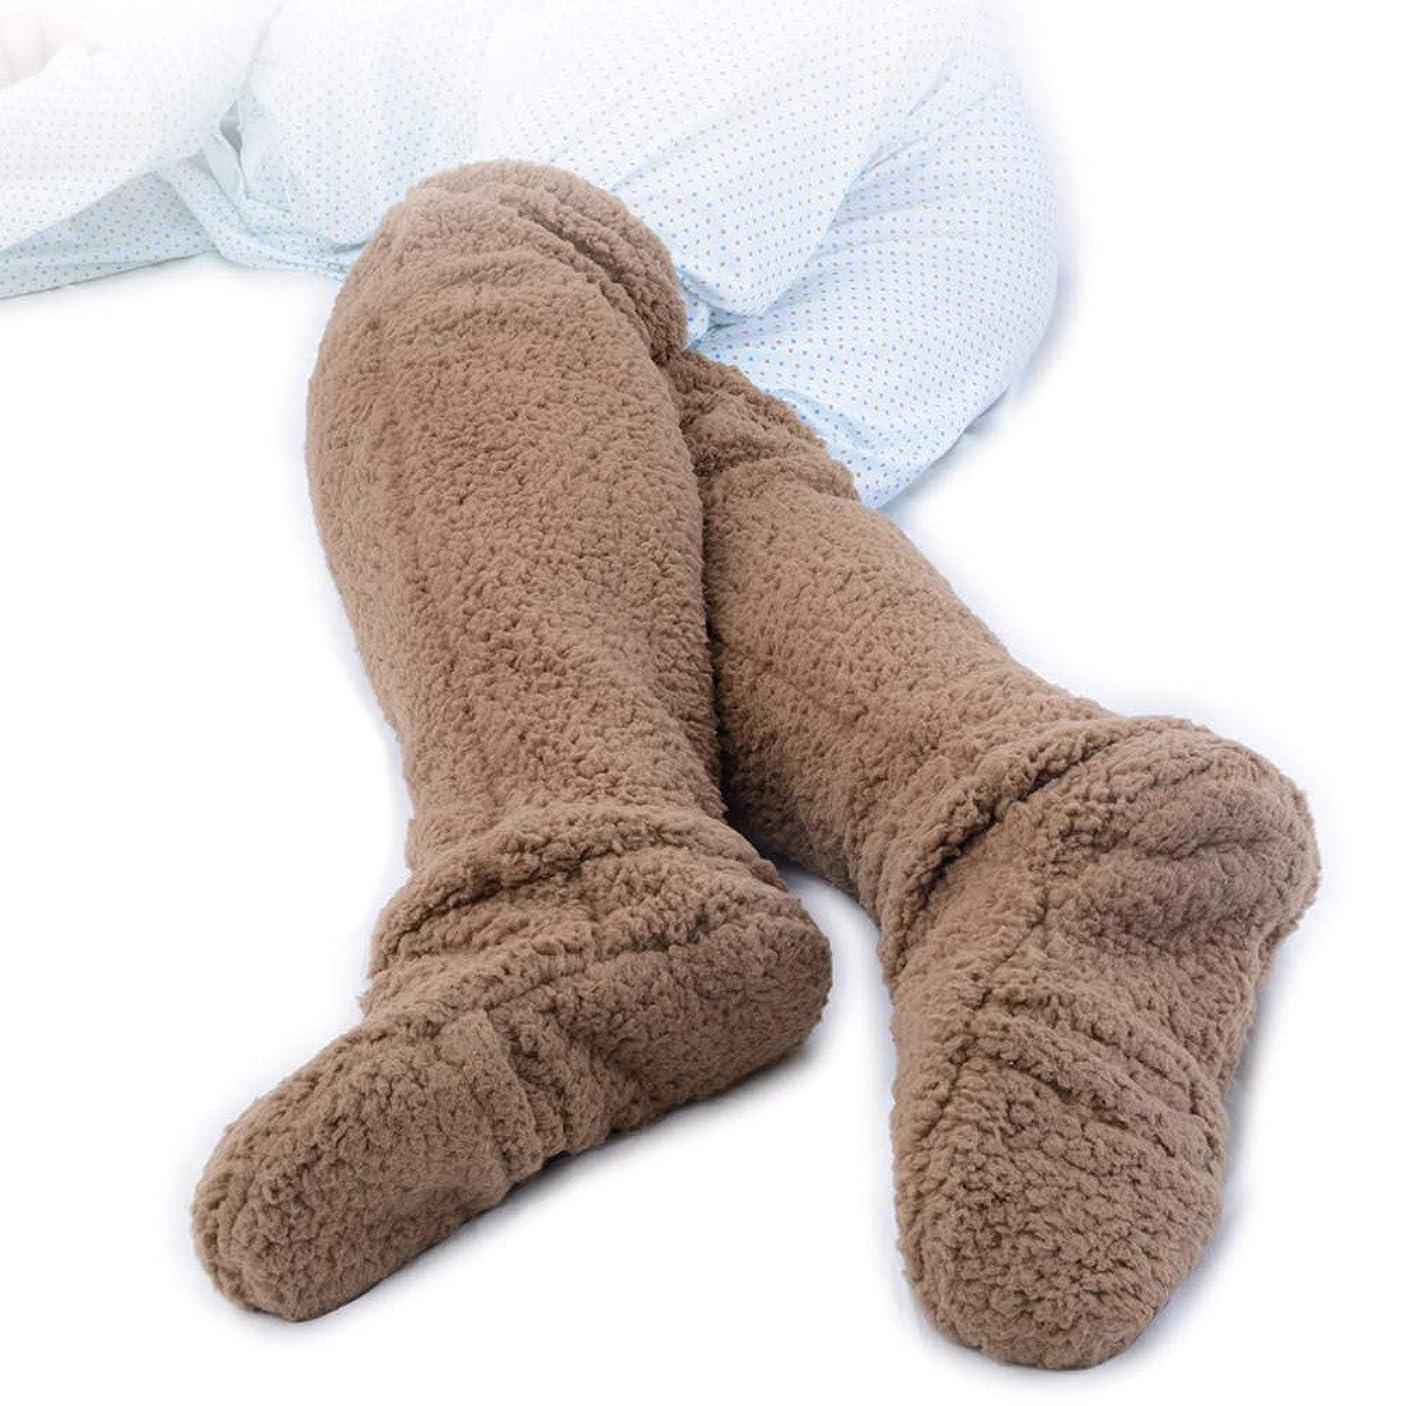 孤独な酸度試用ヒートソックス,Enteriza 極暖 防寒 足が出せるロングカバー あったかグッズ ルームシューズ 男女兼用 2重フリース生地 室内履き 軽量 洗える